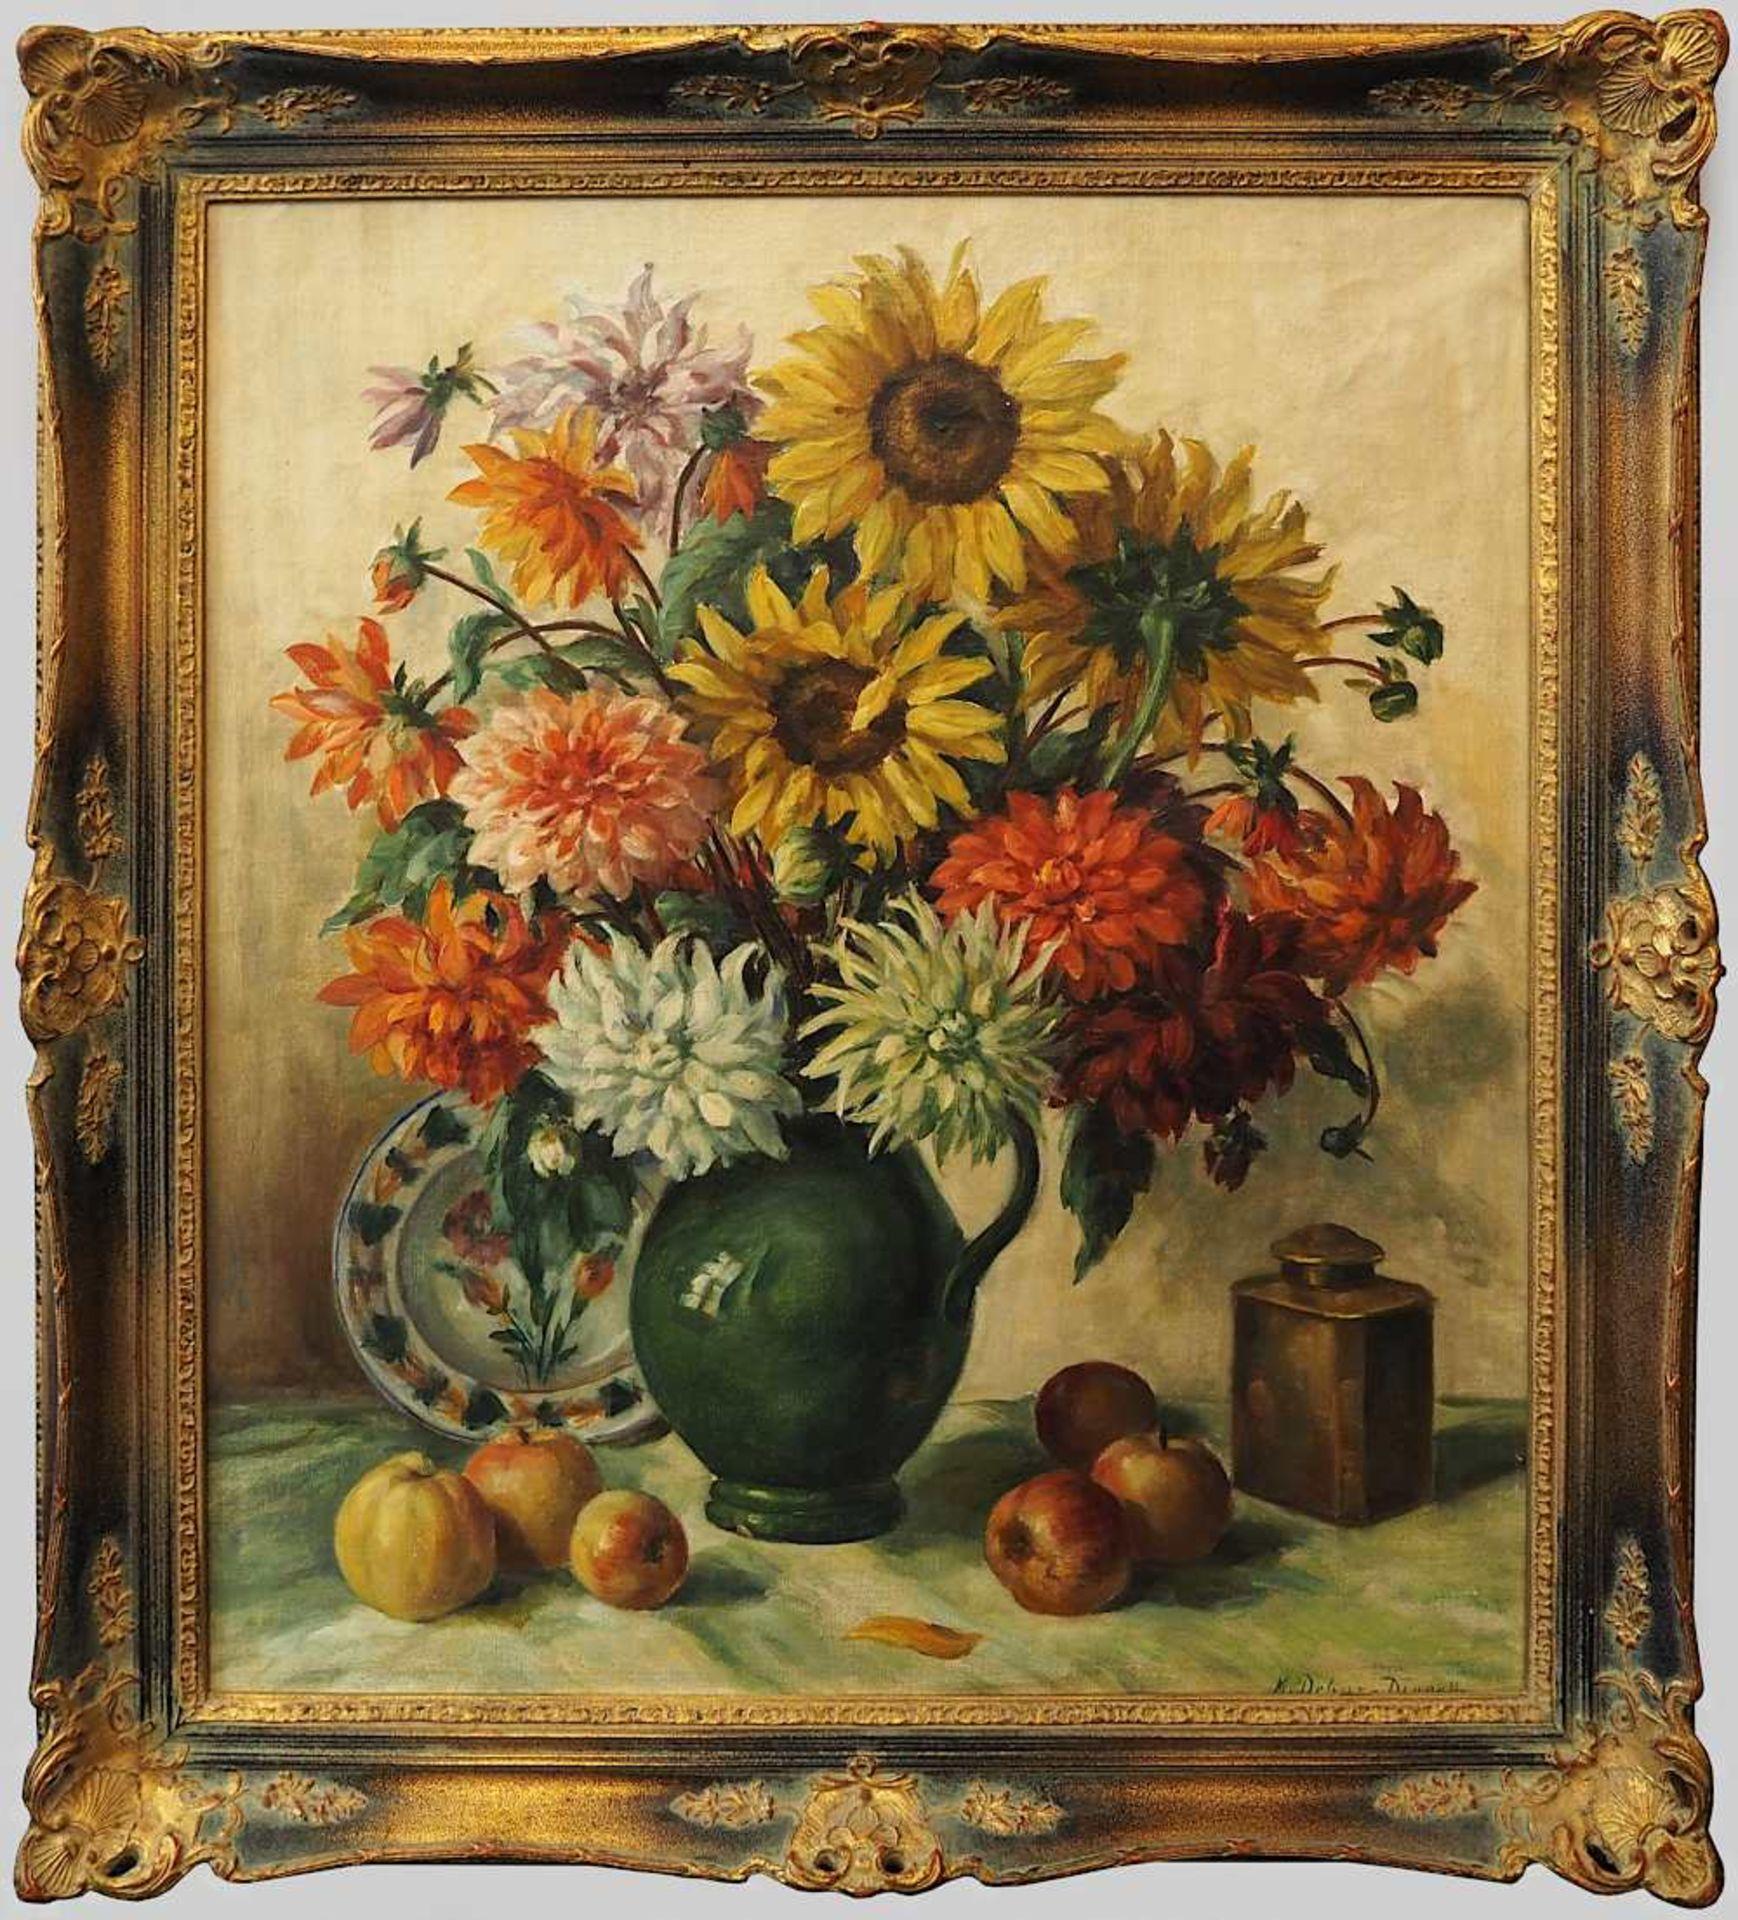 """1 Ölgemälde """"Blumenstillleben mit Sonnenblumen, Fayenceteller und Äpfeln"""" R.u. sign. M. DEBUS - Bild 2 aus 4"""